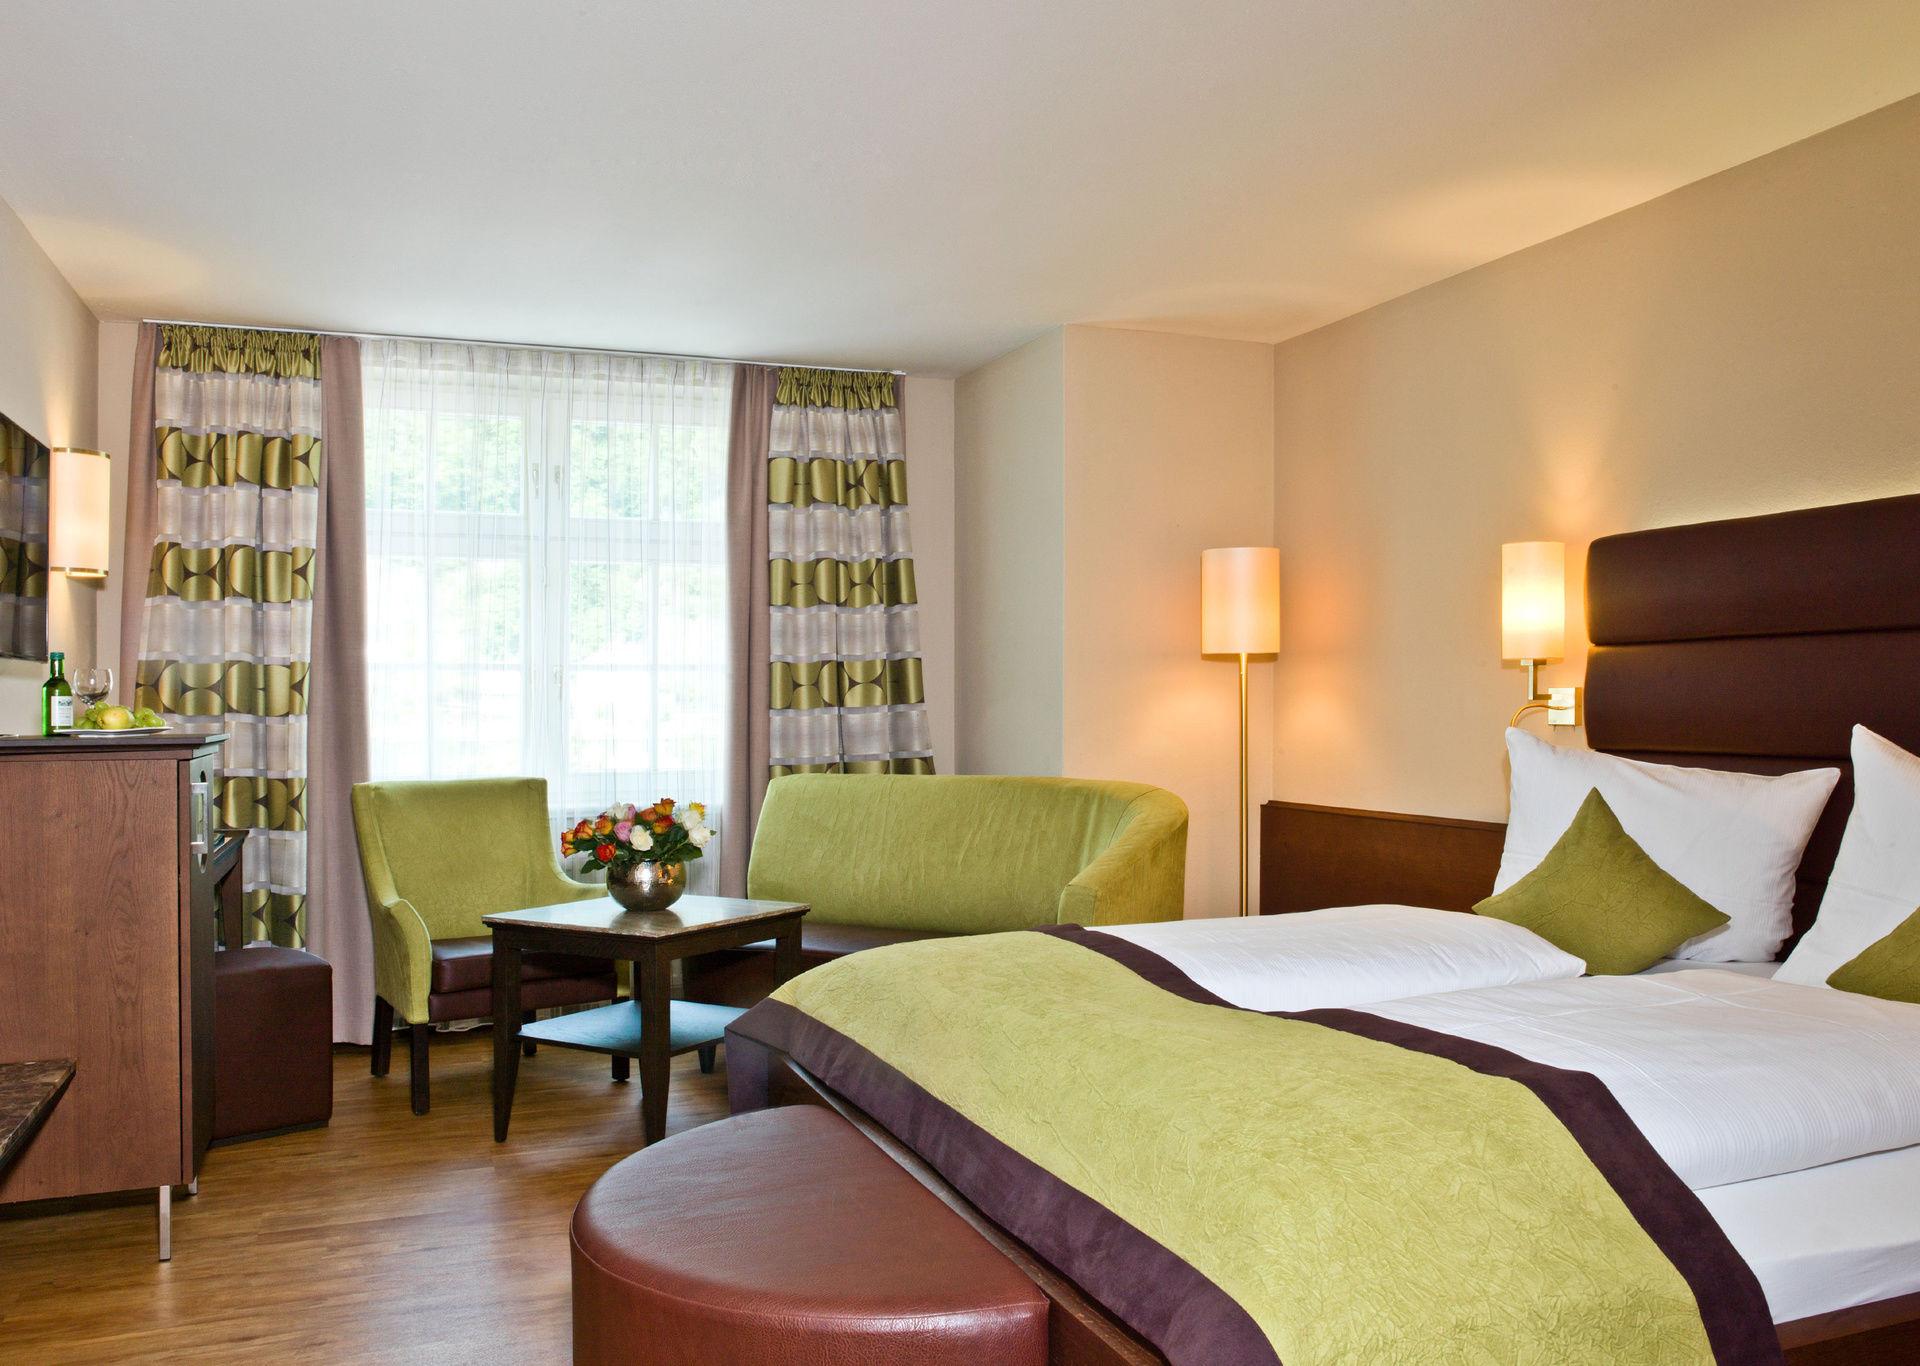 Hotel Koenig hotel in Passau 4 stars